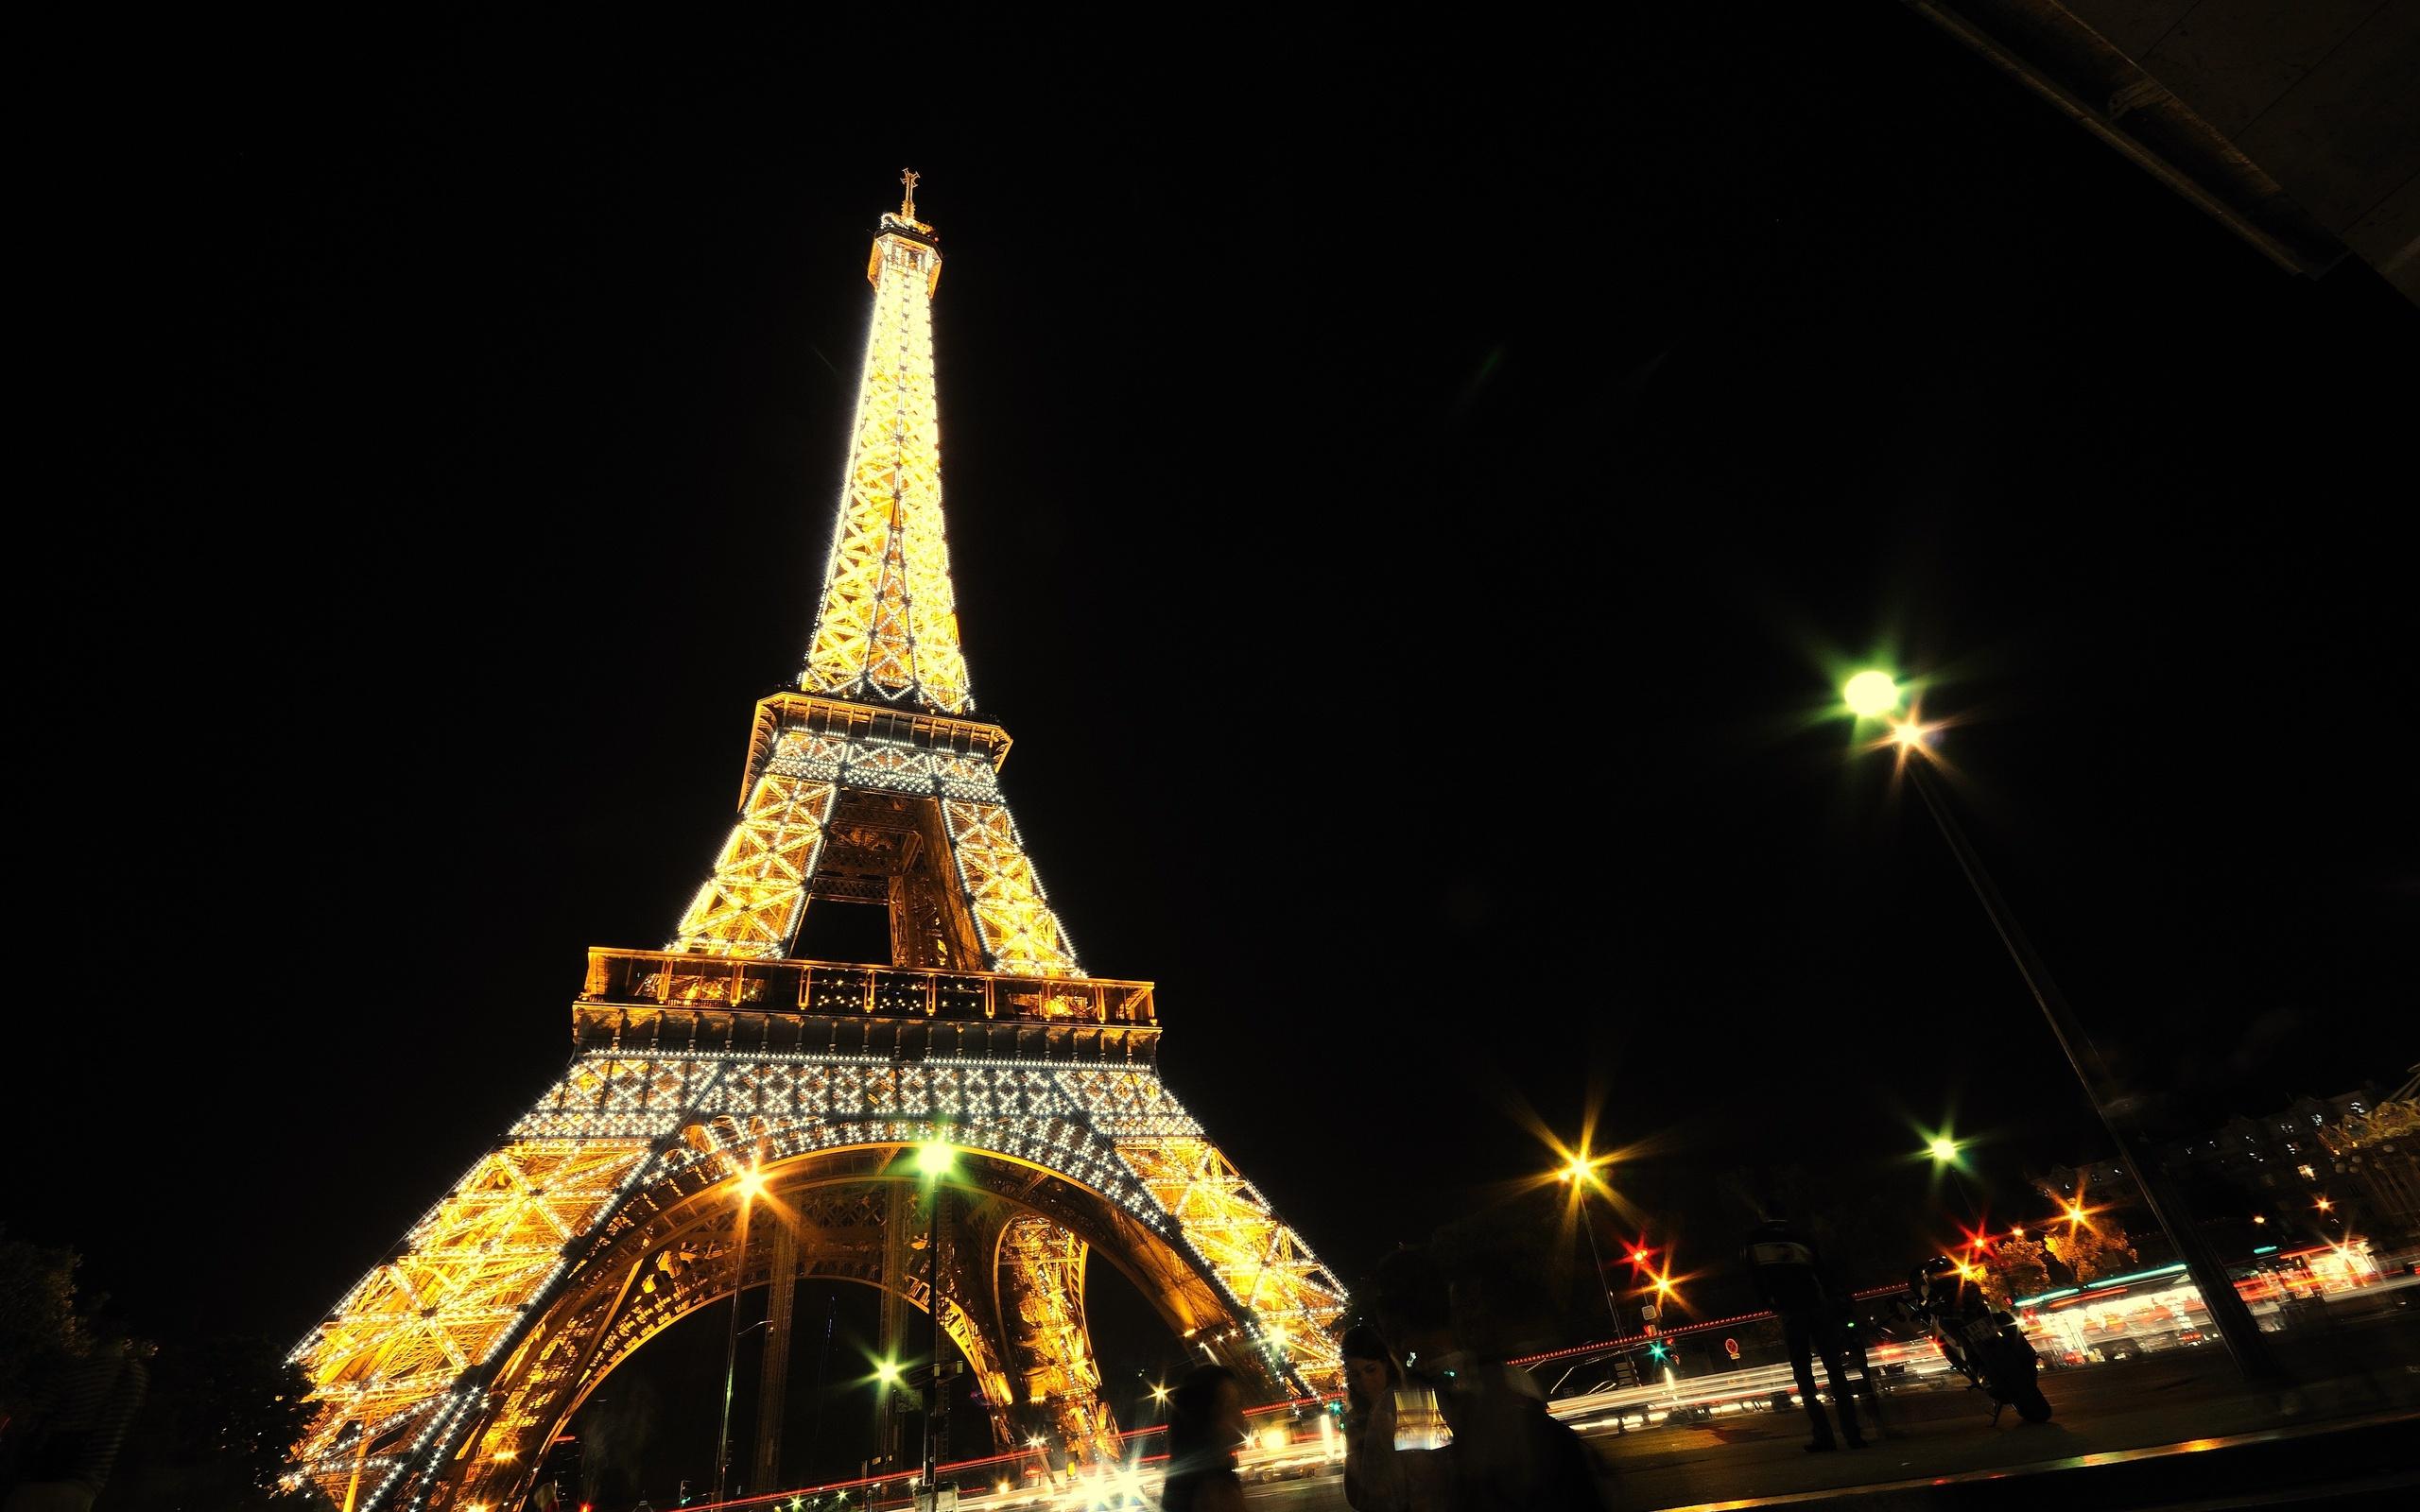 Eiffel Tower Paris Night Wallpaper 2560x1600 202042 Wallpaperup